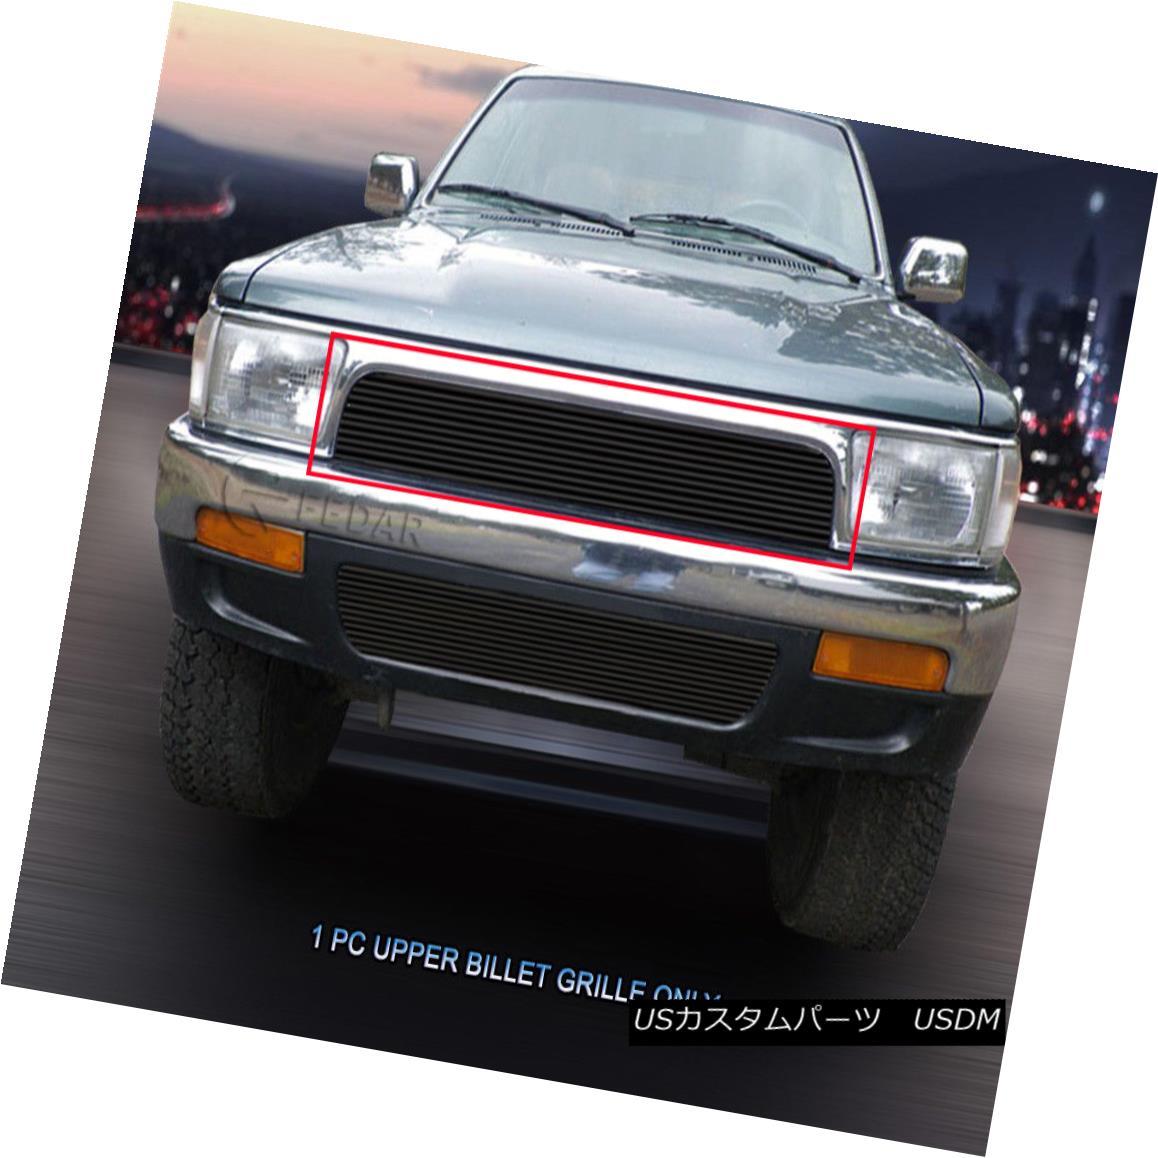 グリル 92-95 Toyota 4Runner Black Billet Grille Grill Upper Insert 1 PC Fedar 92-95トヨタ4Runnerブラックビレットグリルグリルアッパーインサート1 PC Fedar